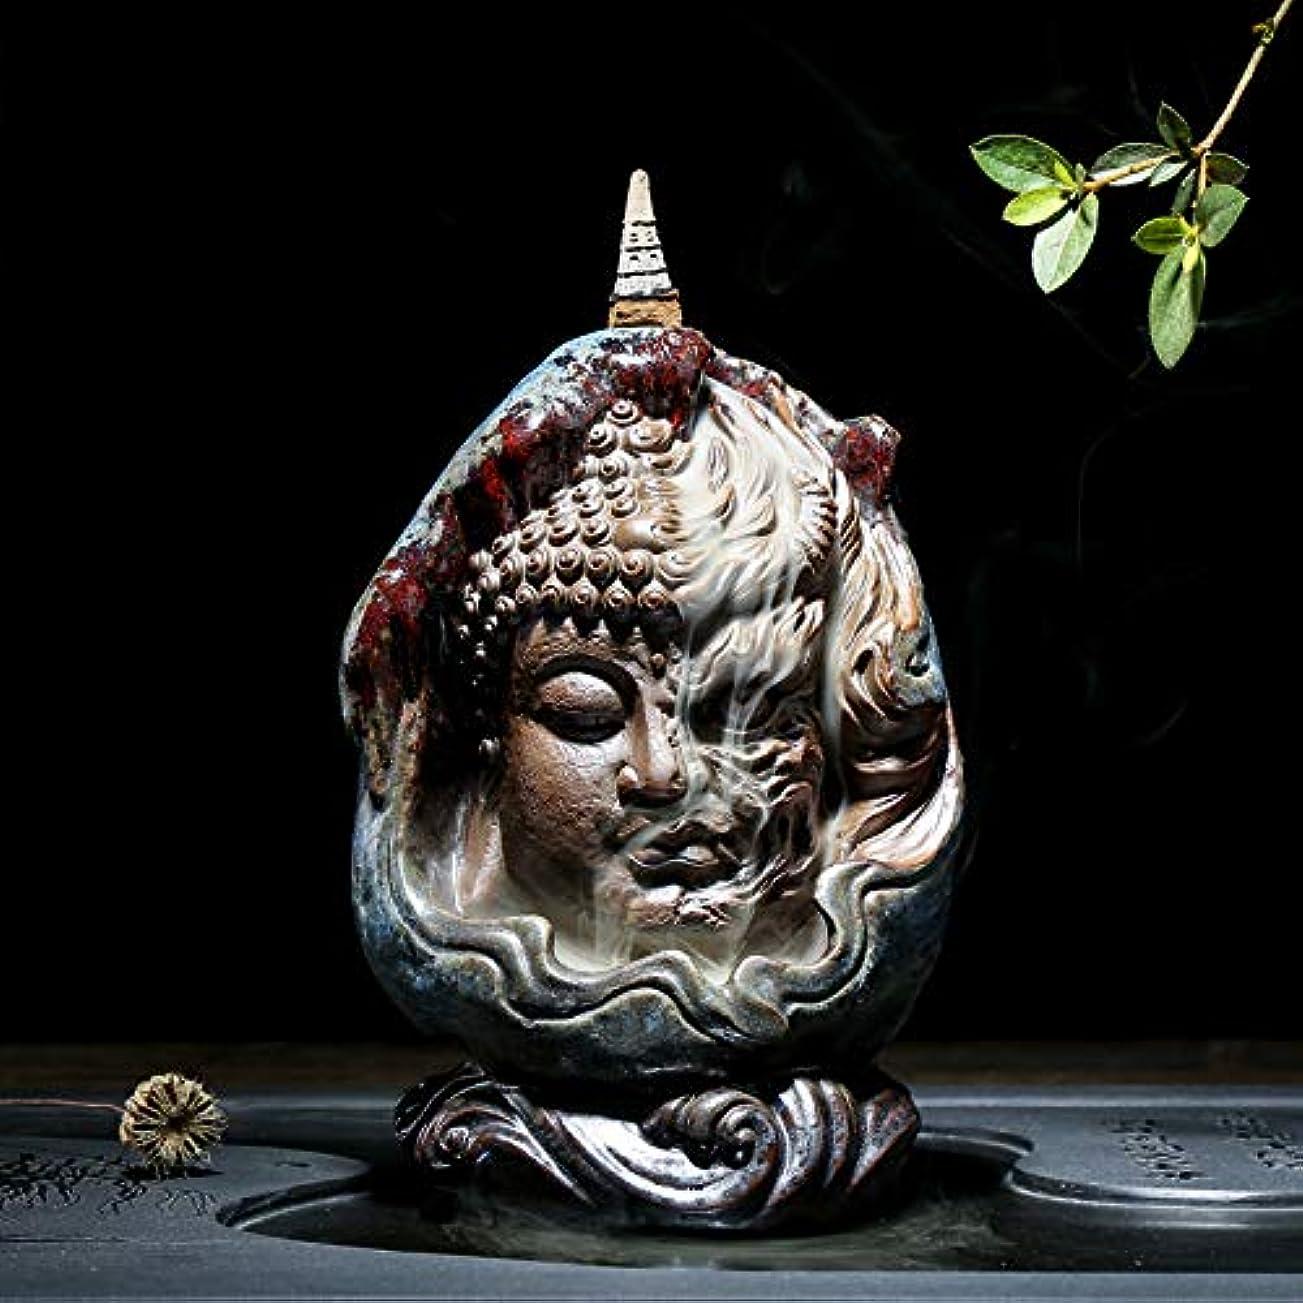 中毒スタジオ怠PHILOGOD 陶器仏壇用香炉 ユニークなスタイリング逆流香炉 お香 ホルダー紫砂香立て